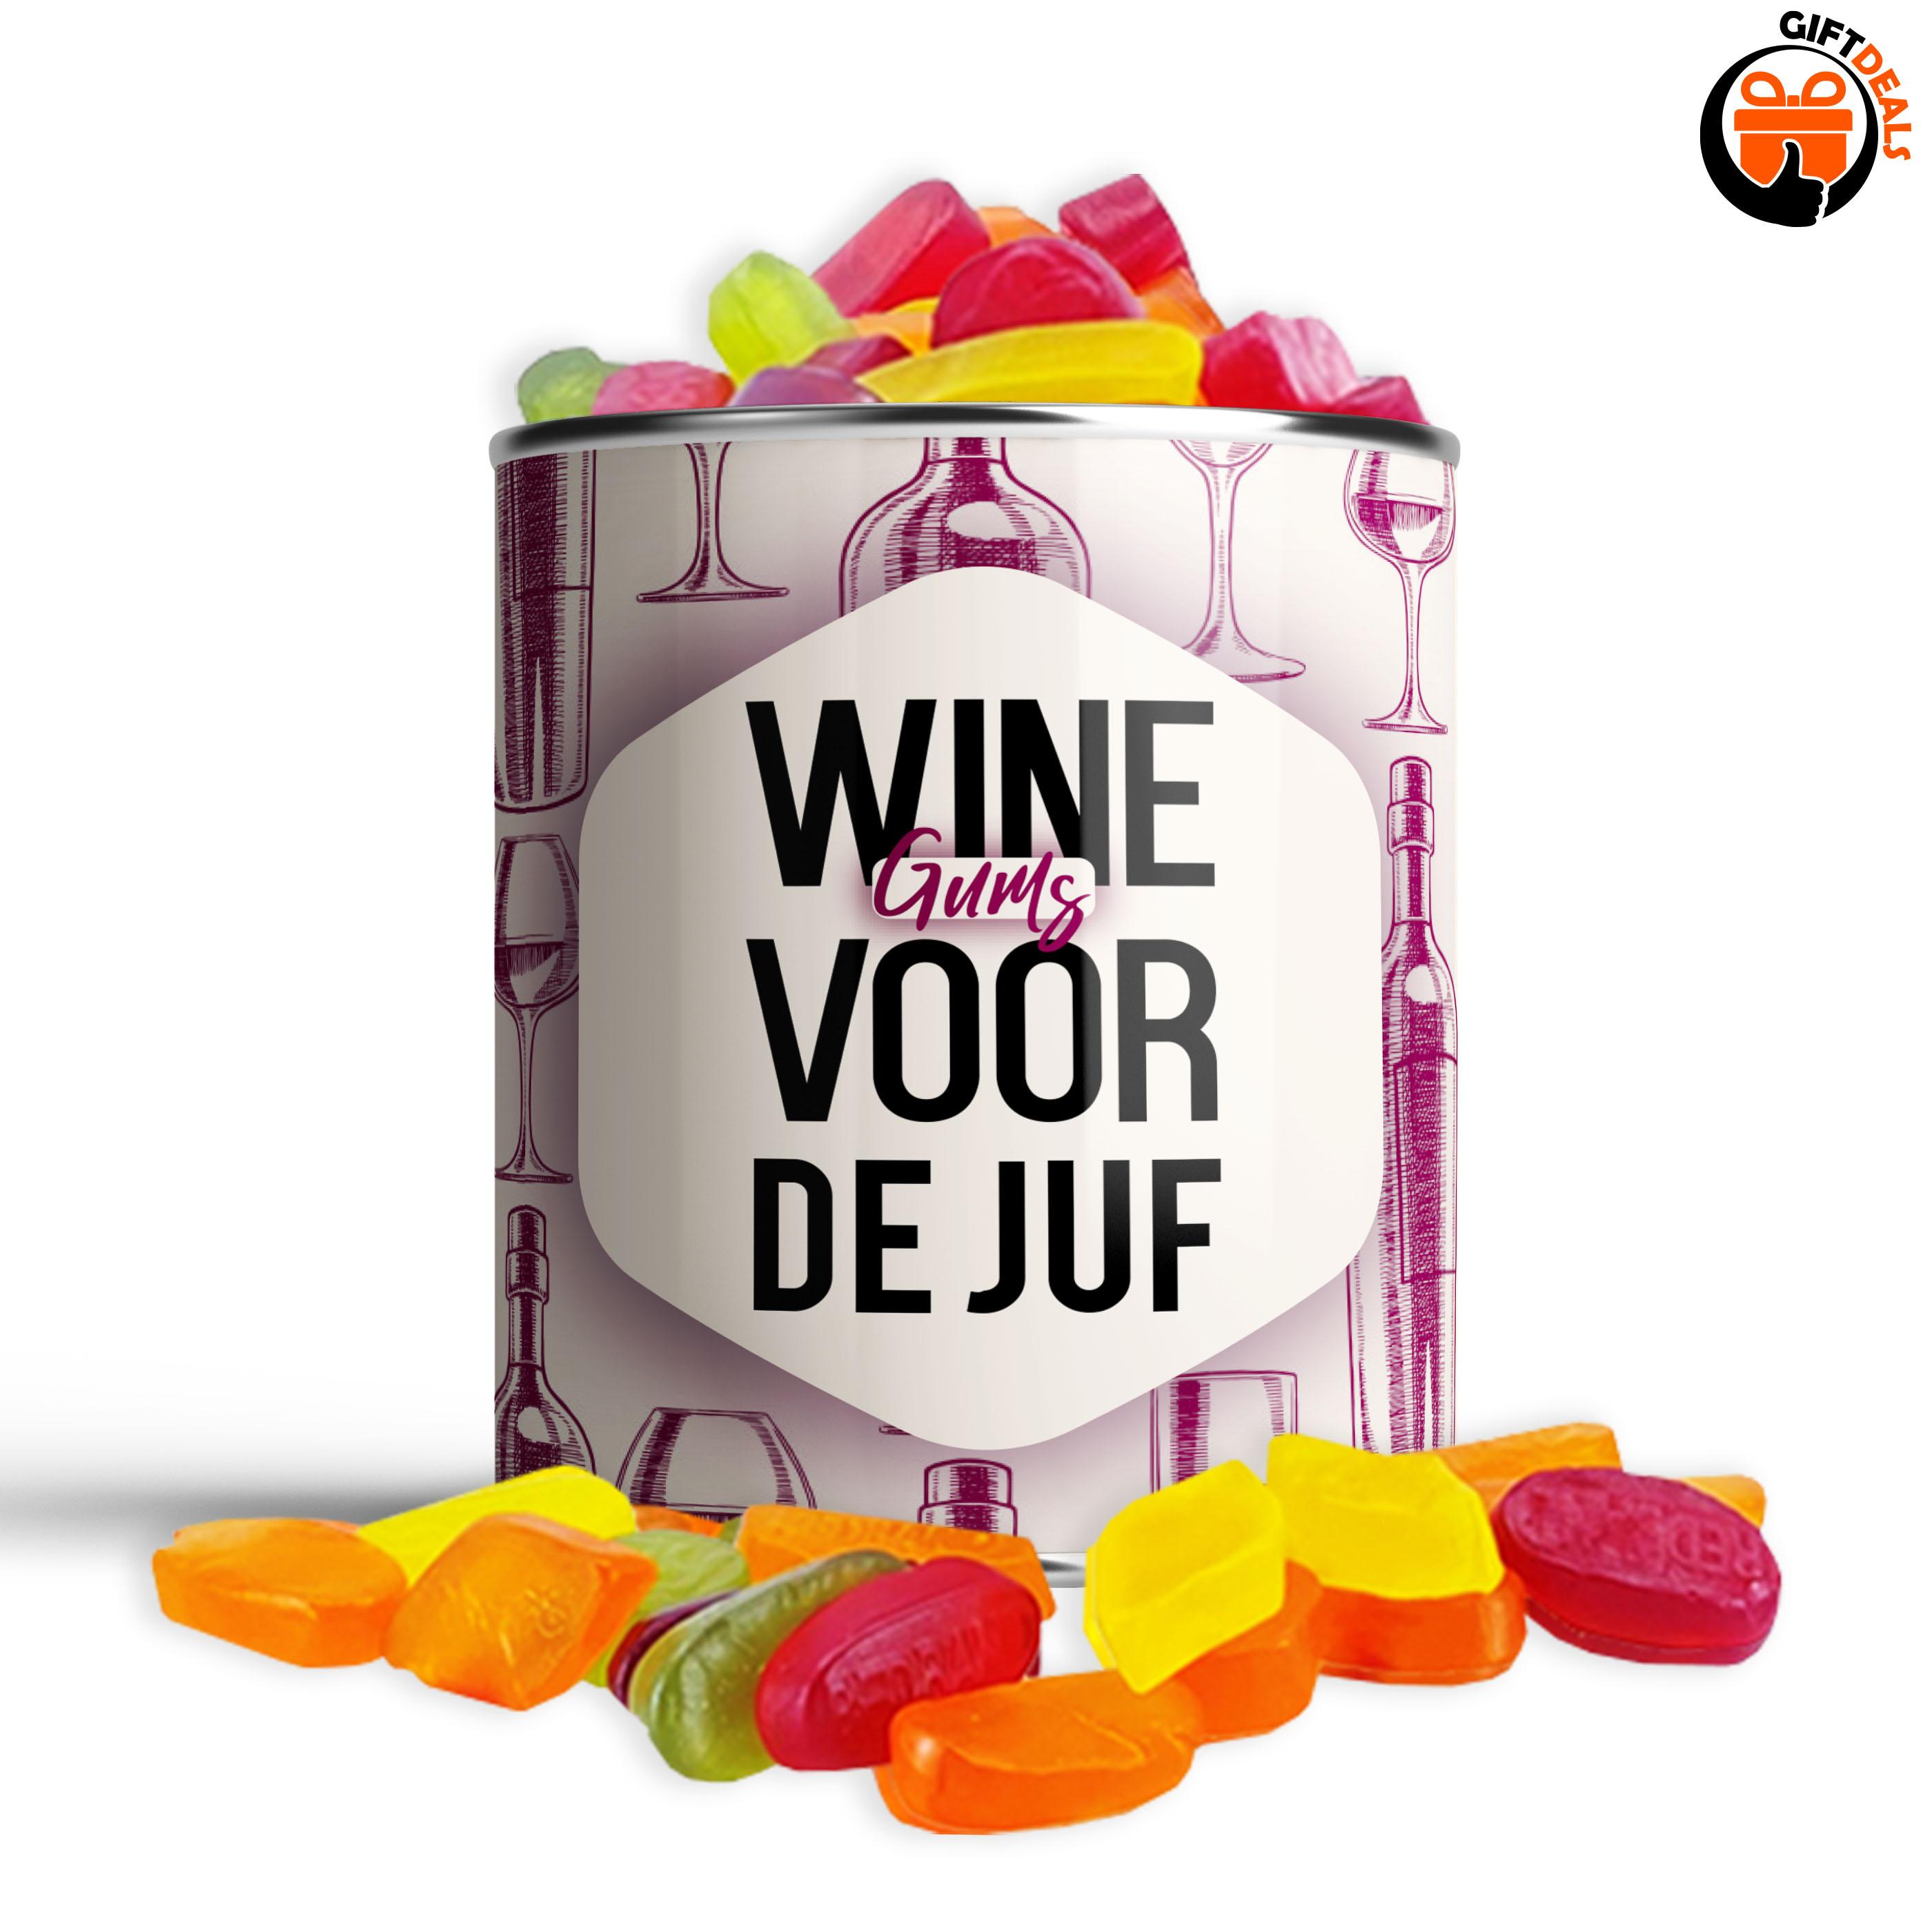 Snoepblik 'Wine (gums) voor de juf'